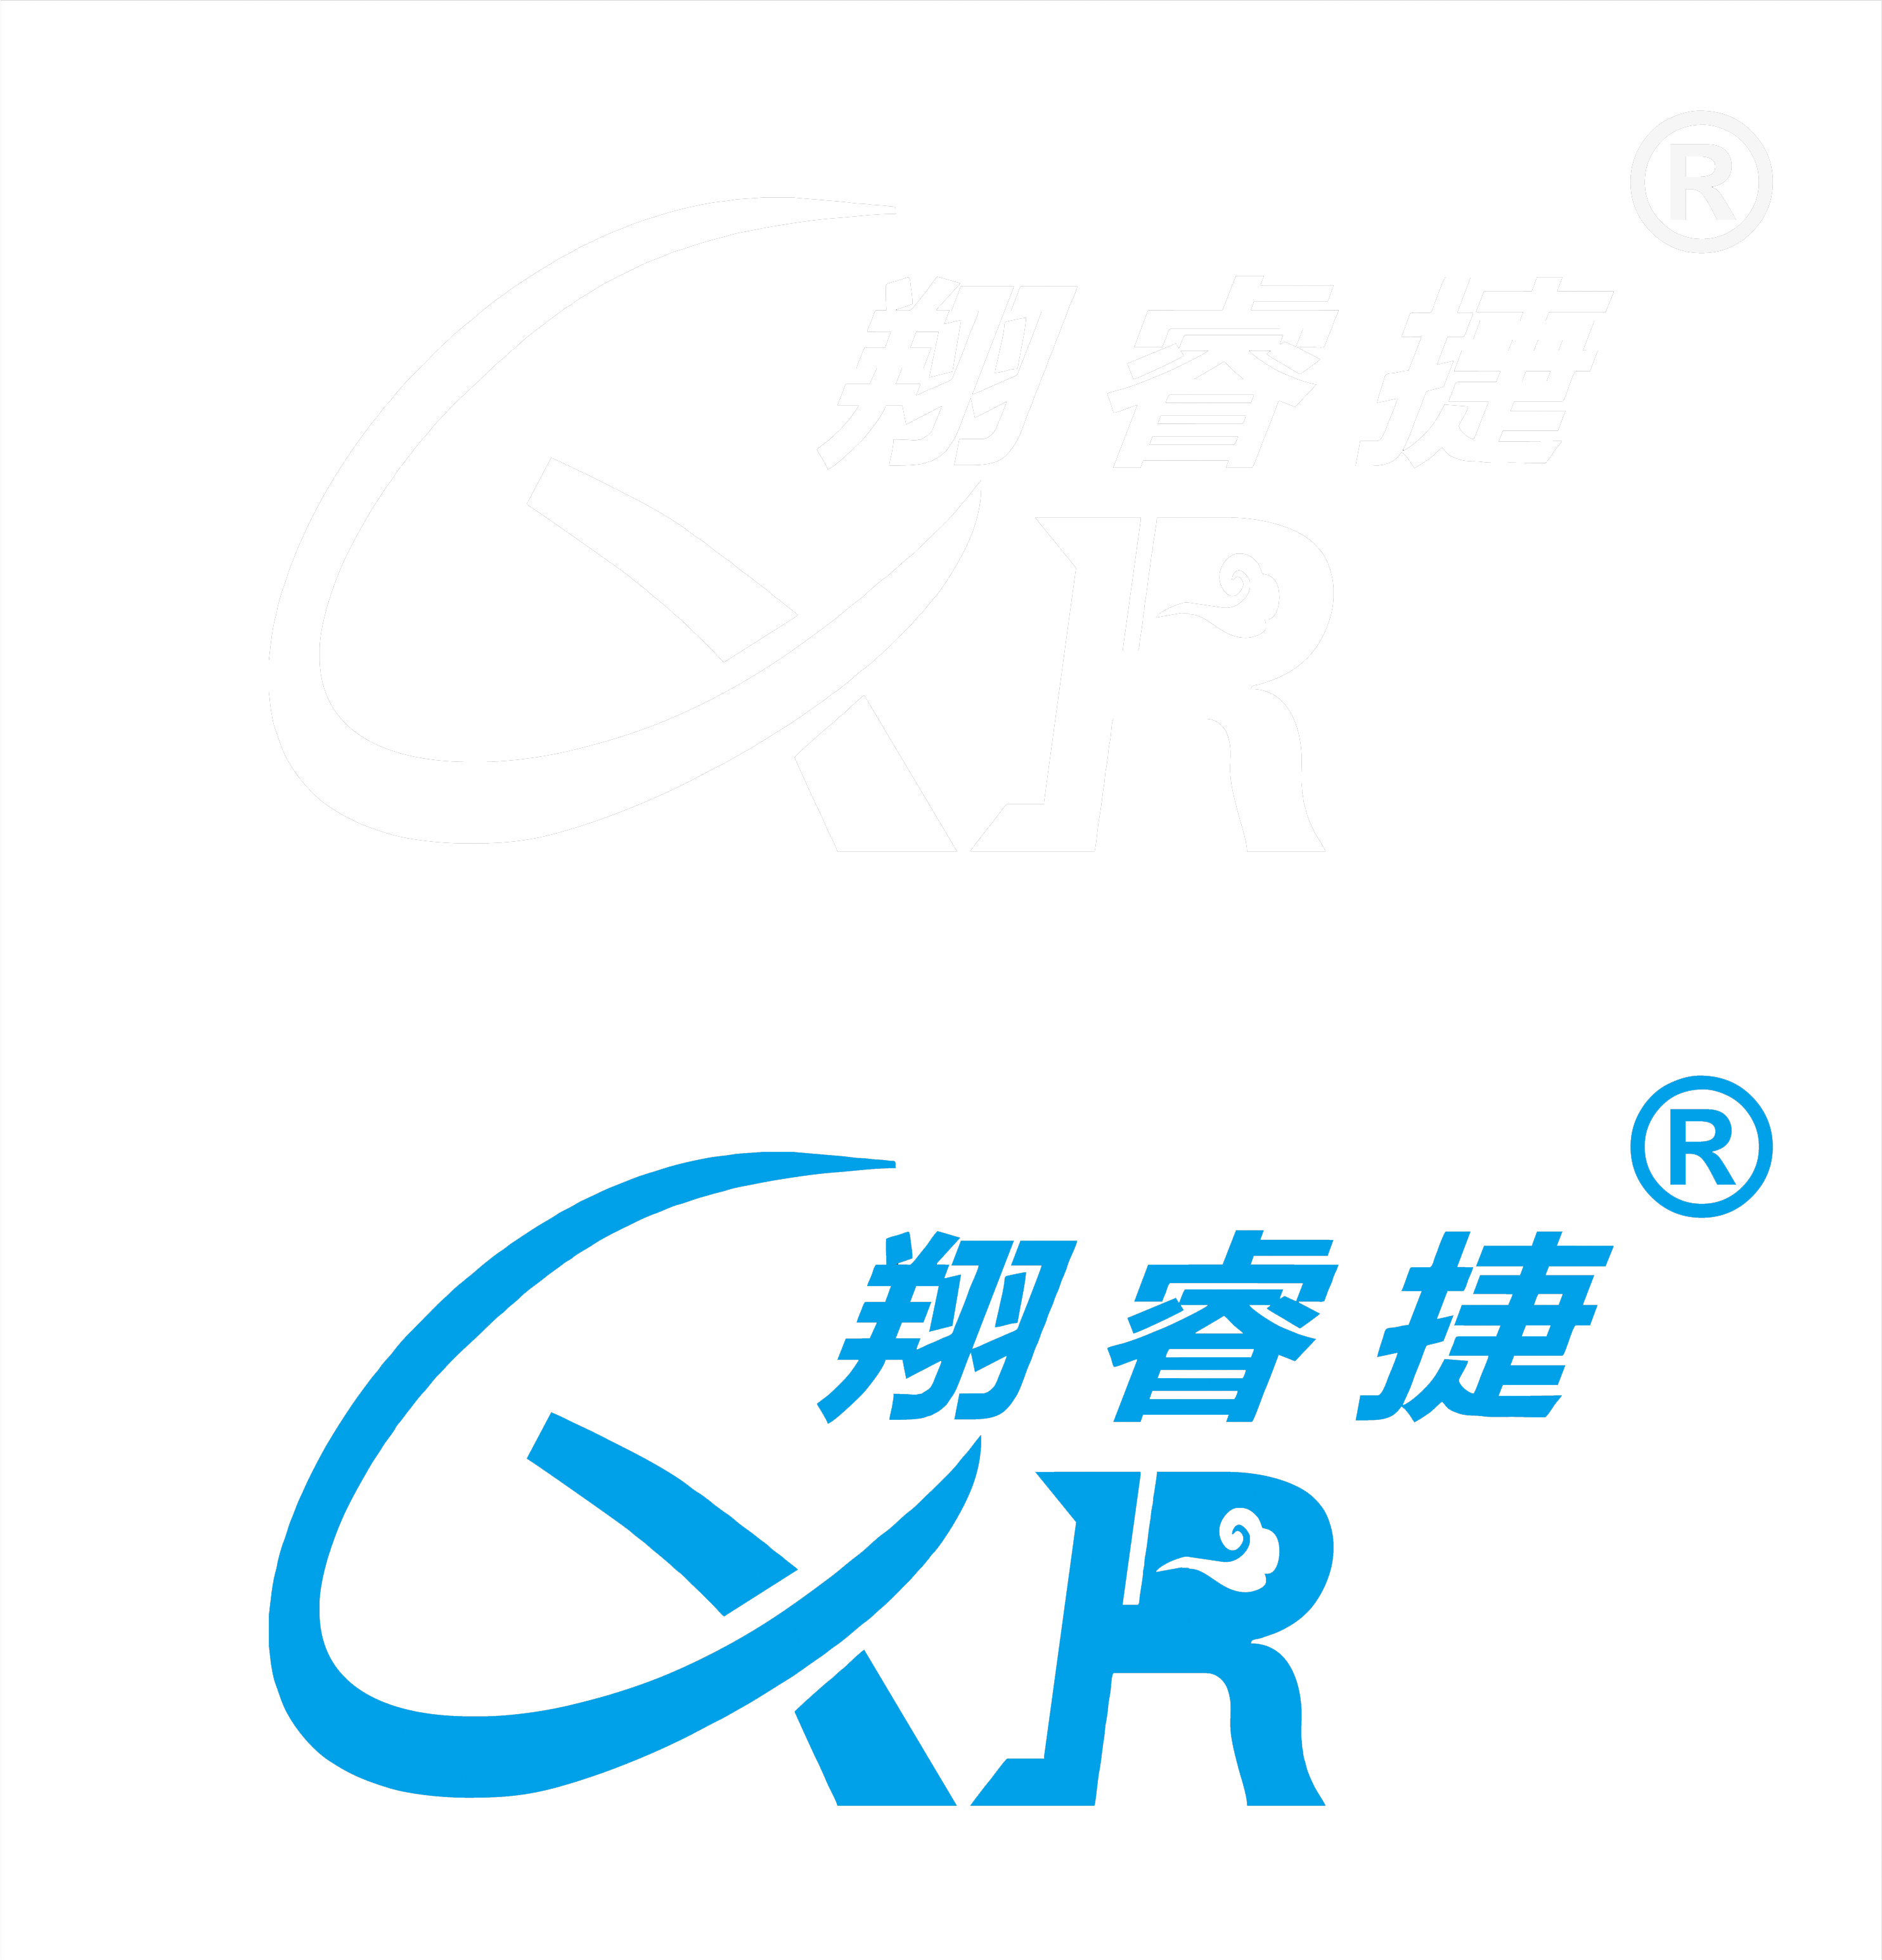 重庆翔睿捷机械设备有限公司